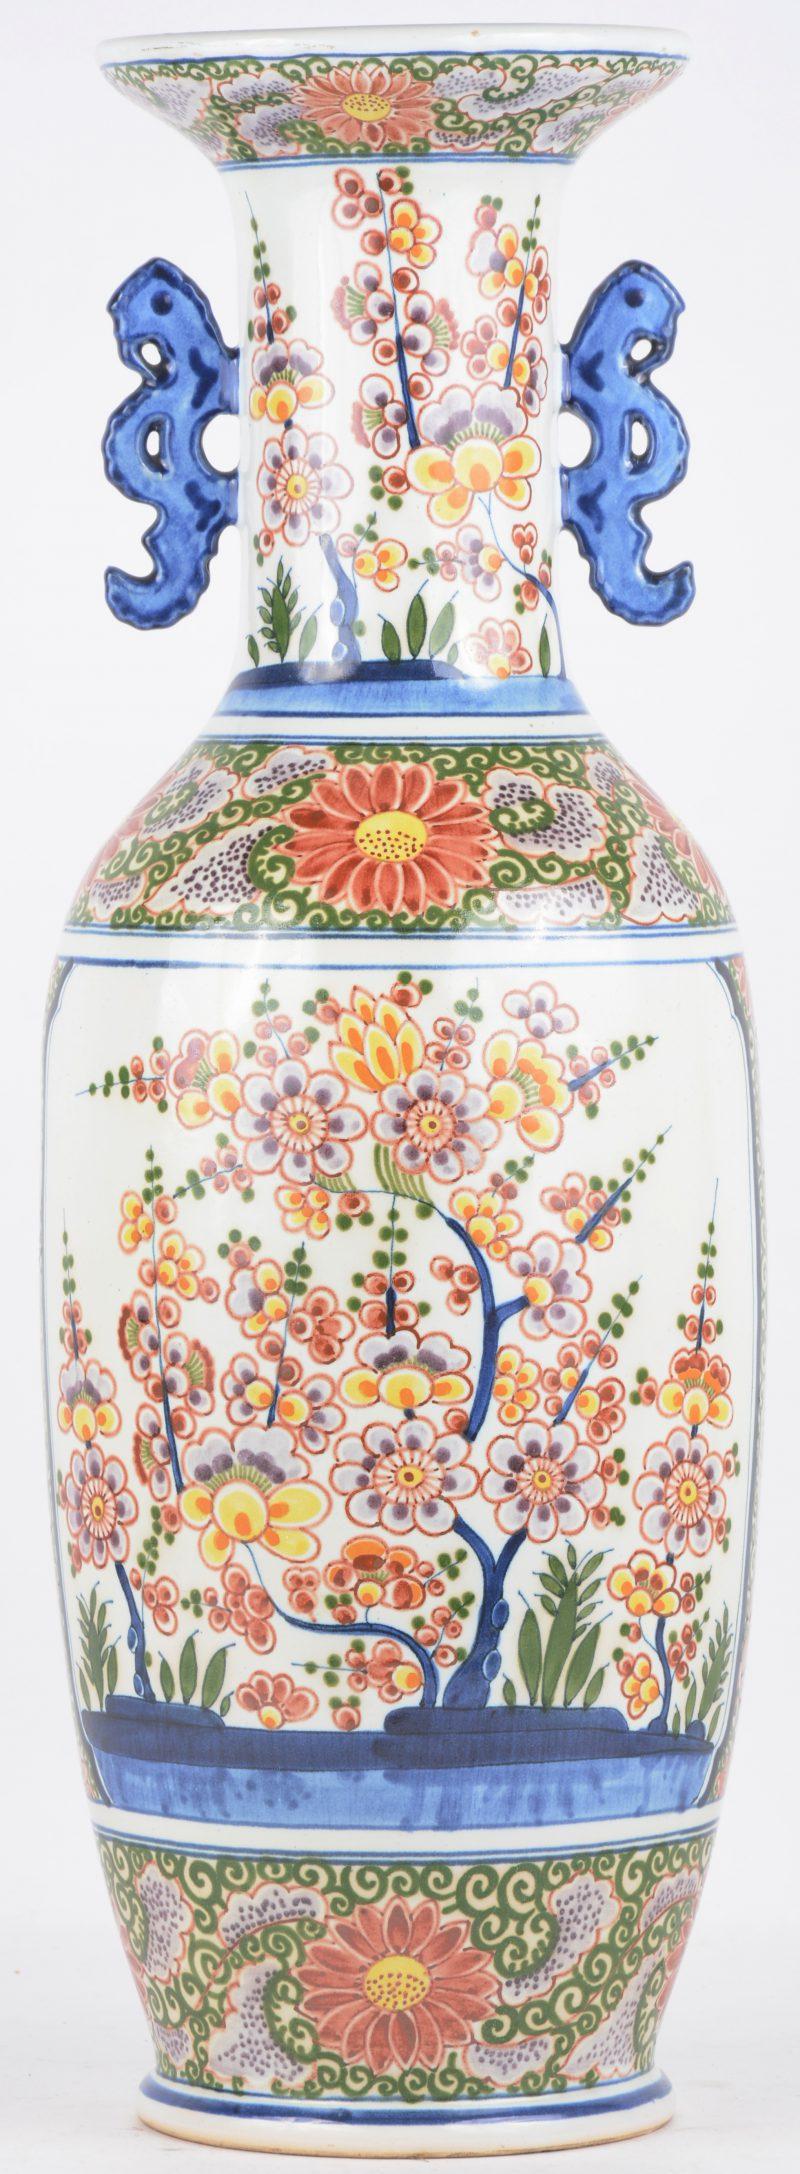 Een balustervaas van Delfts aardewerk met een meerkleurig bloemendecor.